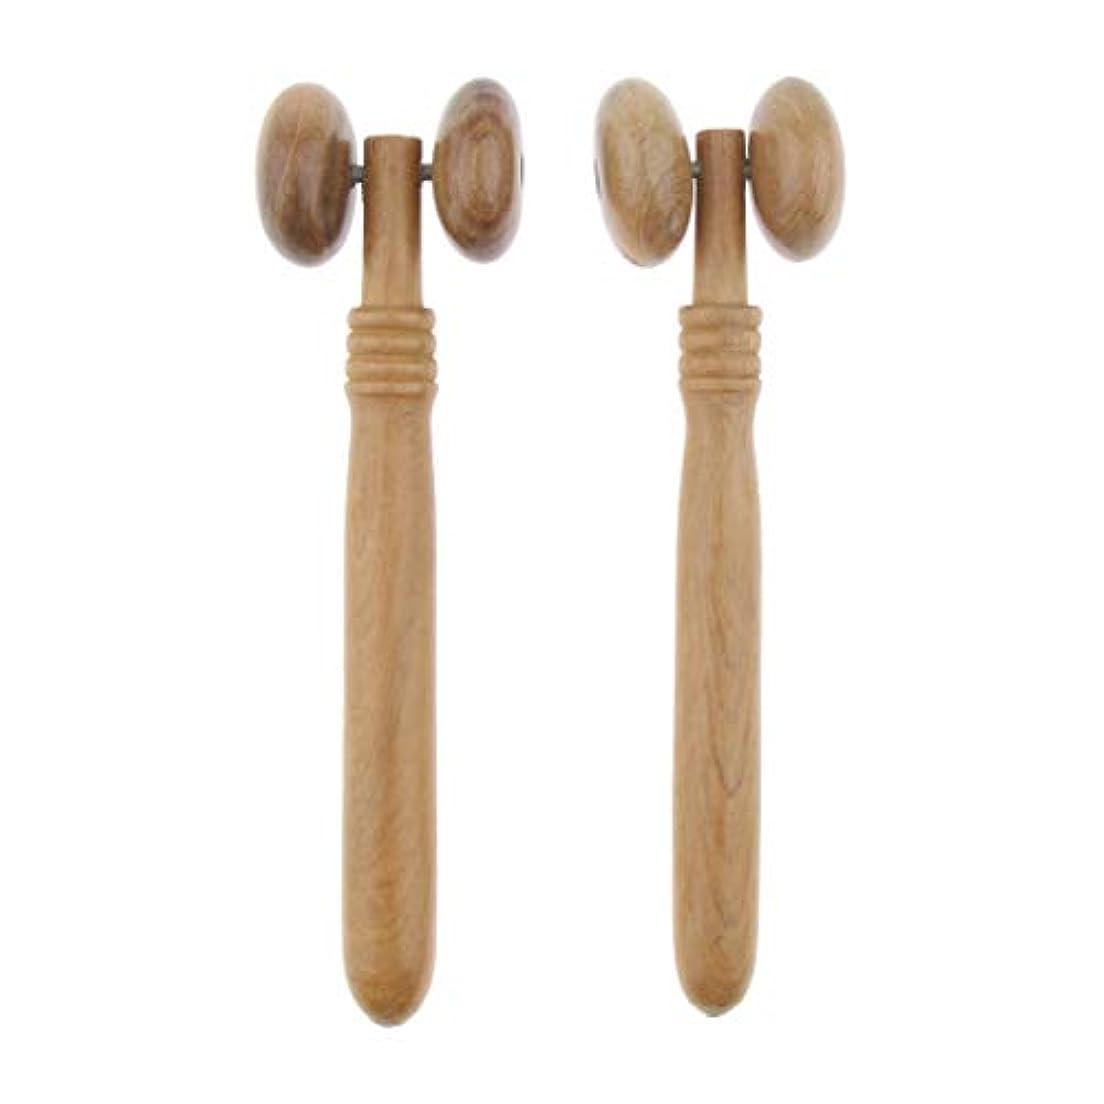 案件奴隷優しいフェイスローラー マッサージローラー 木製 顔 首 背中 腕 脚用 快適 自然 滑らか 高品質